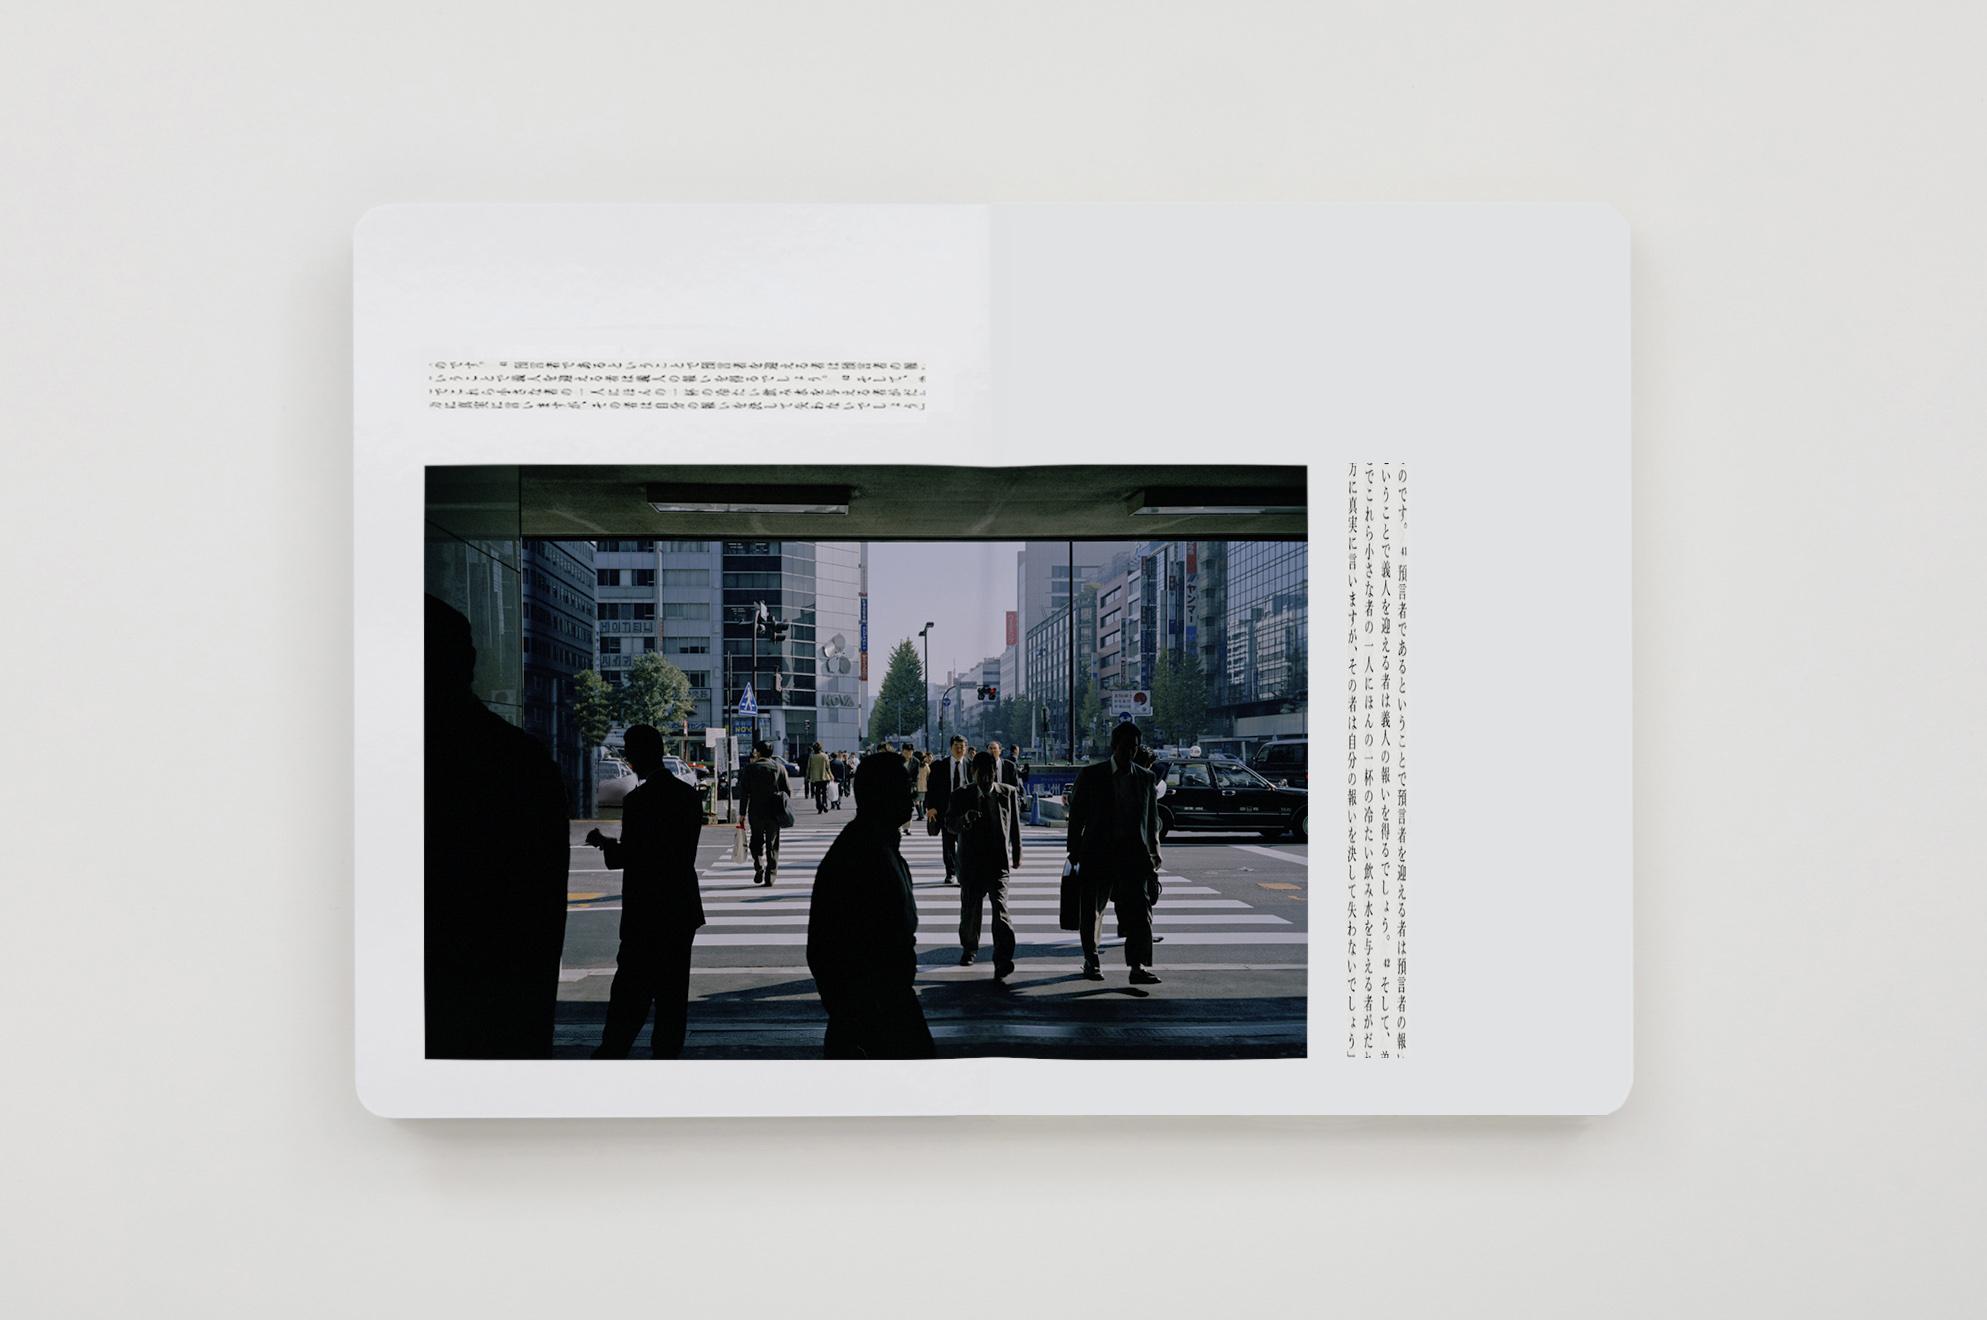 TOKYO_WEB_11 2.jpg